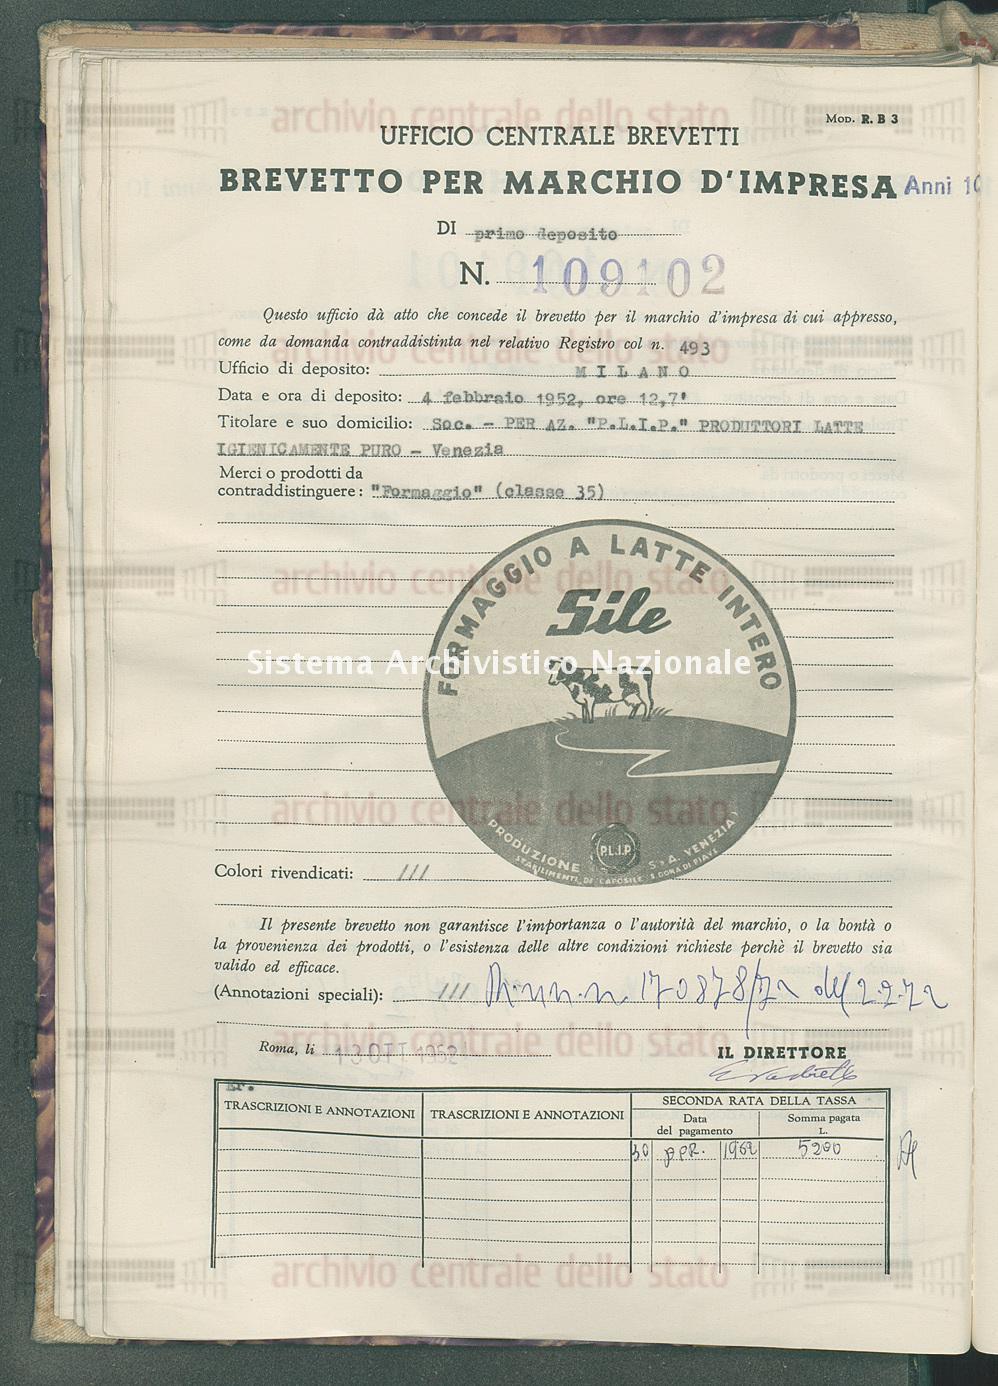 'Formaggio' Soc. Per Az. 'P.L.I.P.' Produttori Latte Igienicamente Puro (13/10/1952)